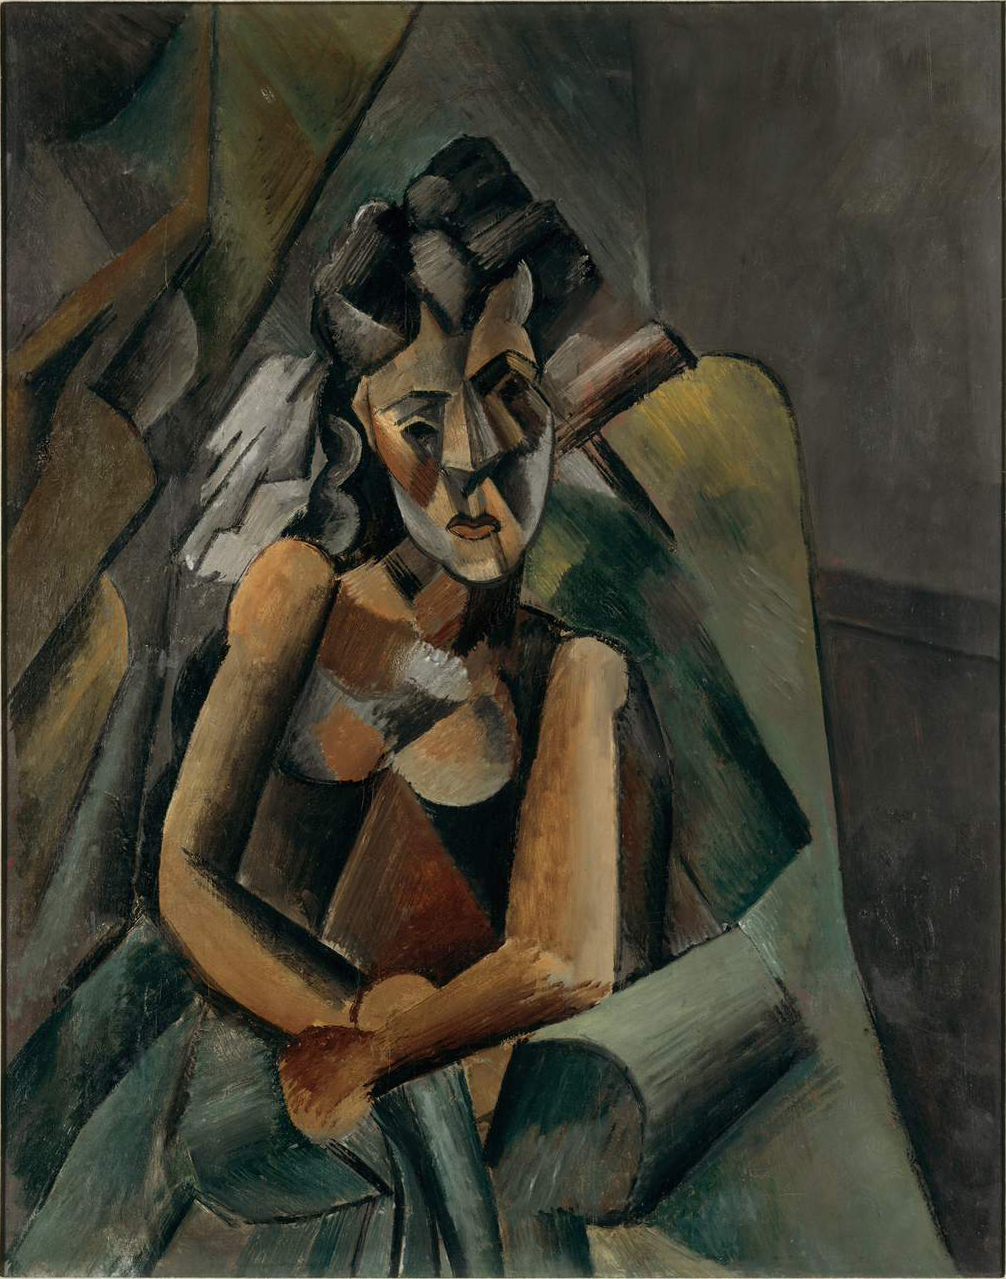 Neue Nationalgalerie - Rohe - Interior - Pablo Picasso, 1909, Femme assise (Sitzende Frau